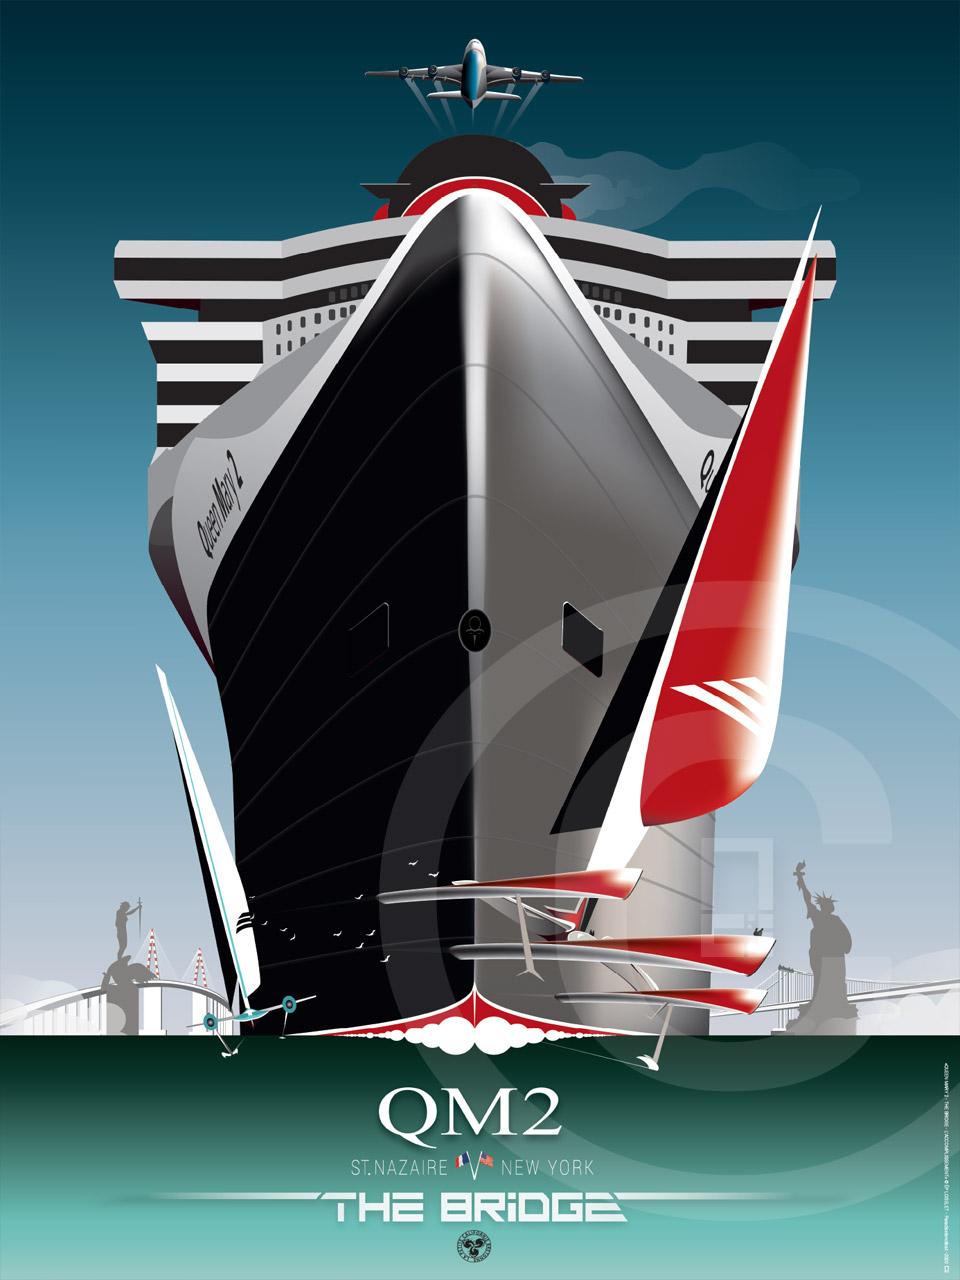 Affiche Queen Mary 2 Paquebots Saint-Nazaire The Bridge